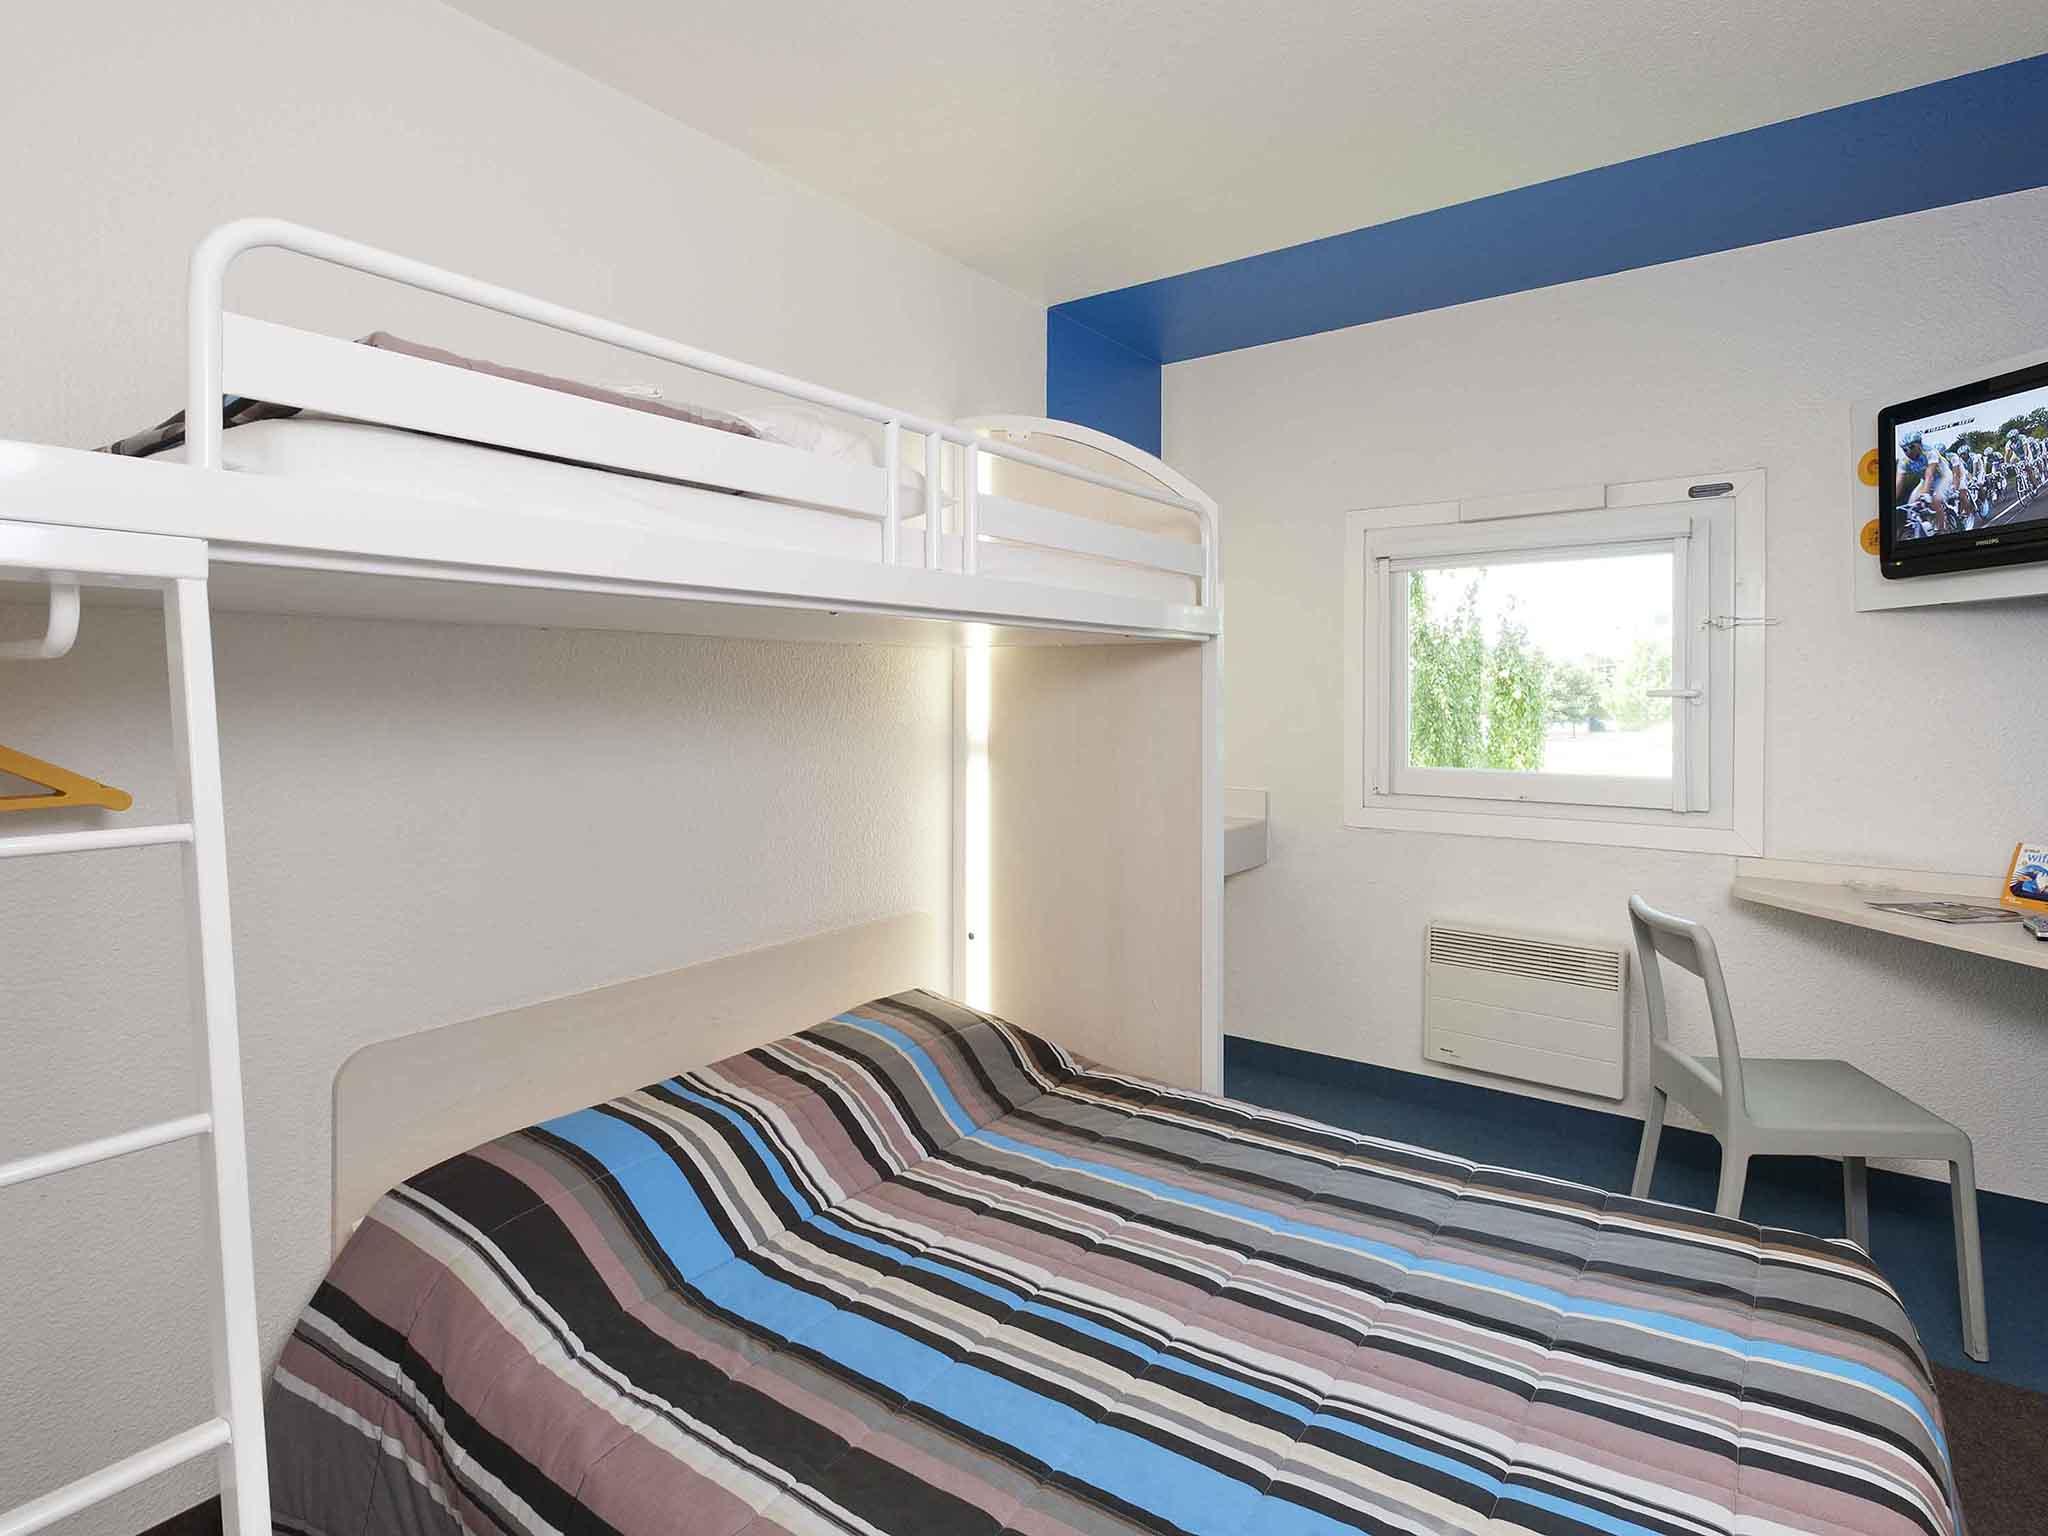 Hotel Hotelf1 Reims Tinqueux